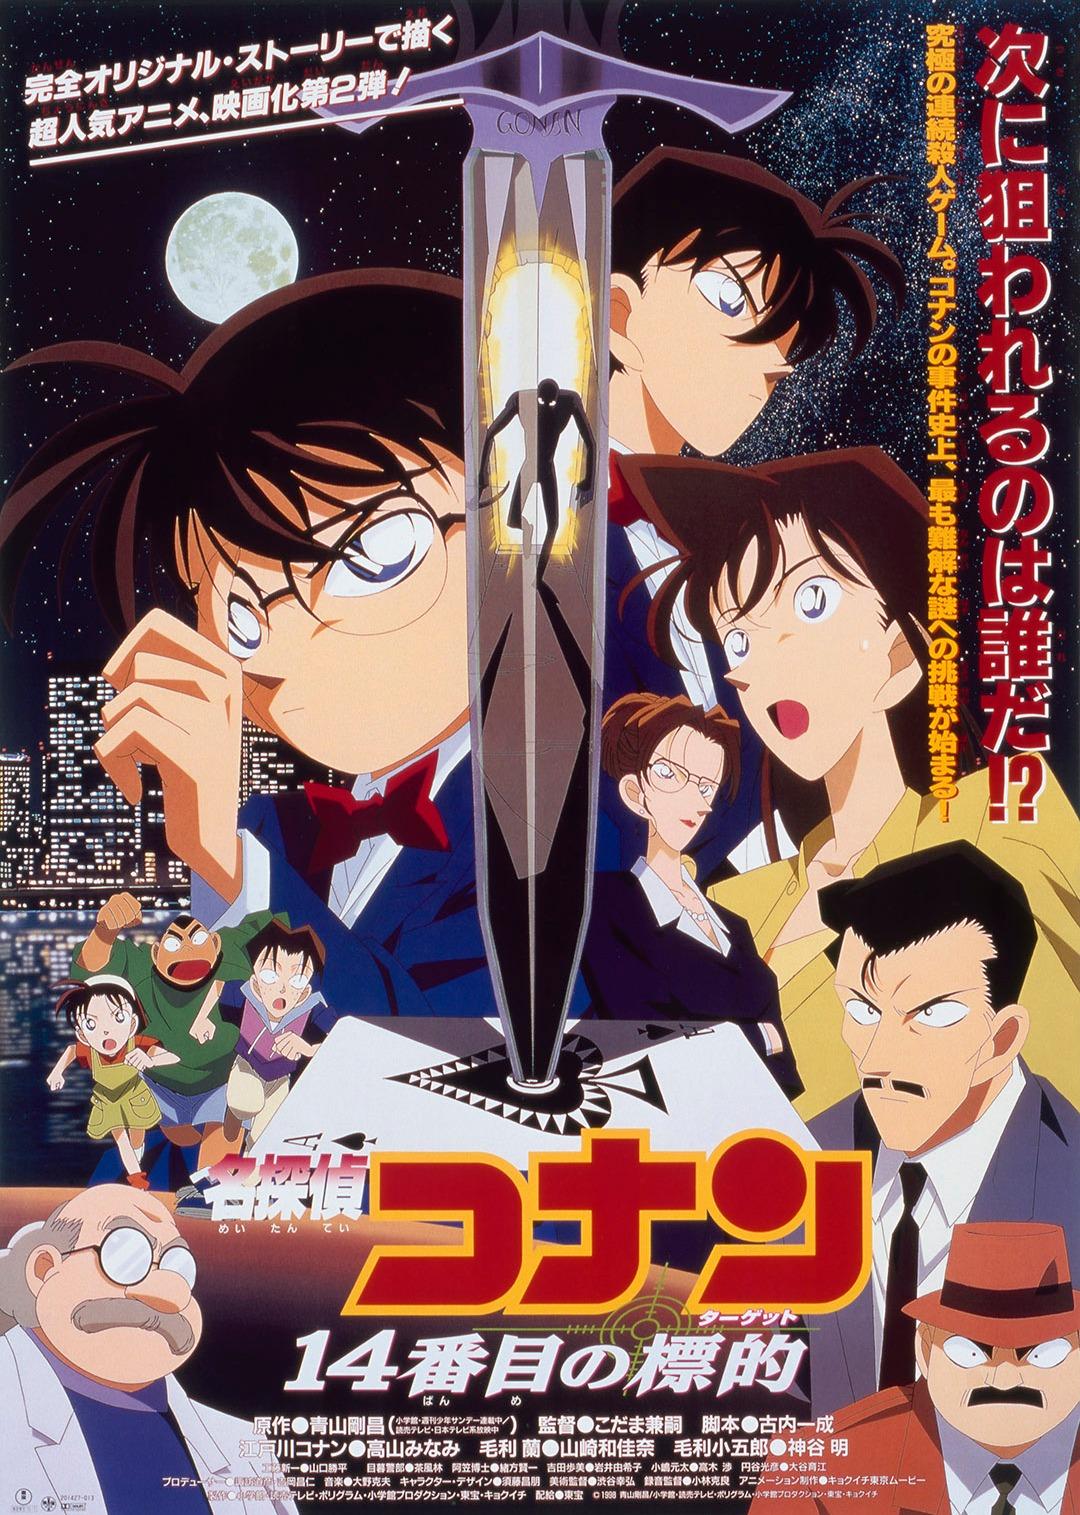 名侦探柯南剧场版第十四个目标日语版海报剧照